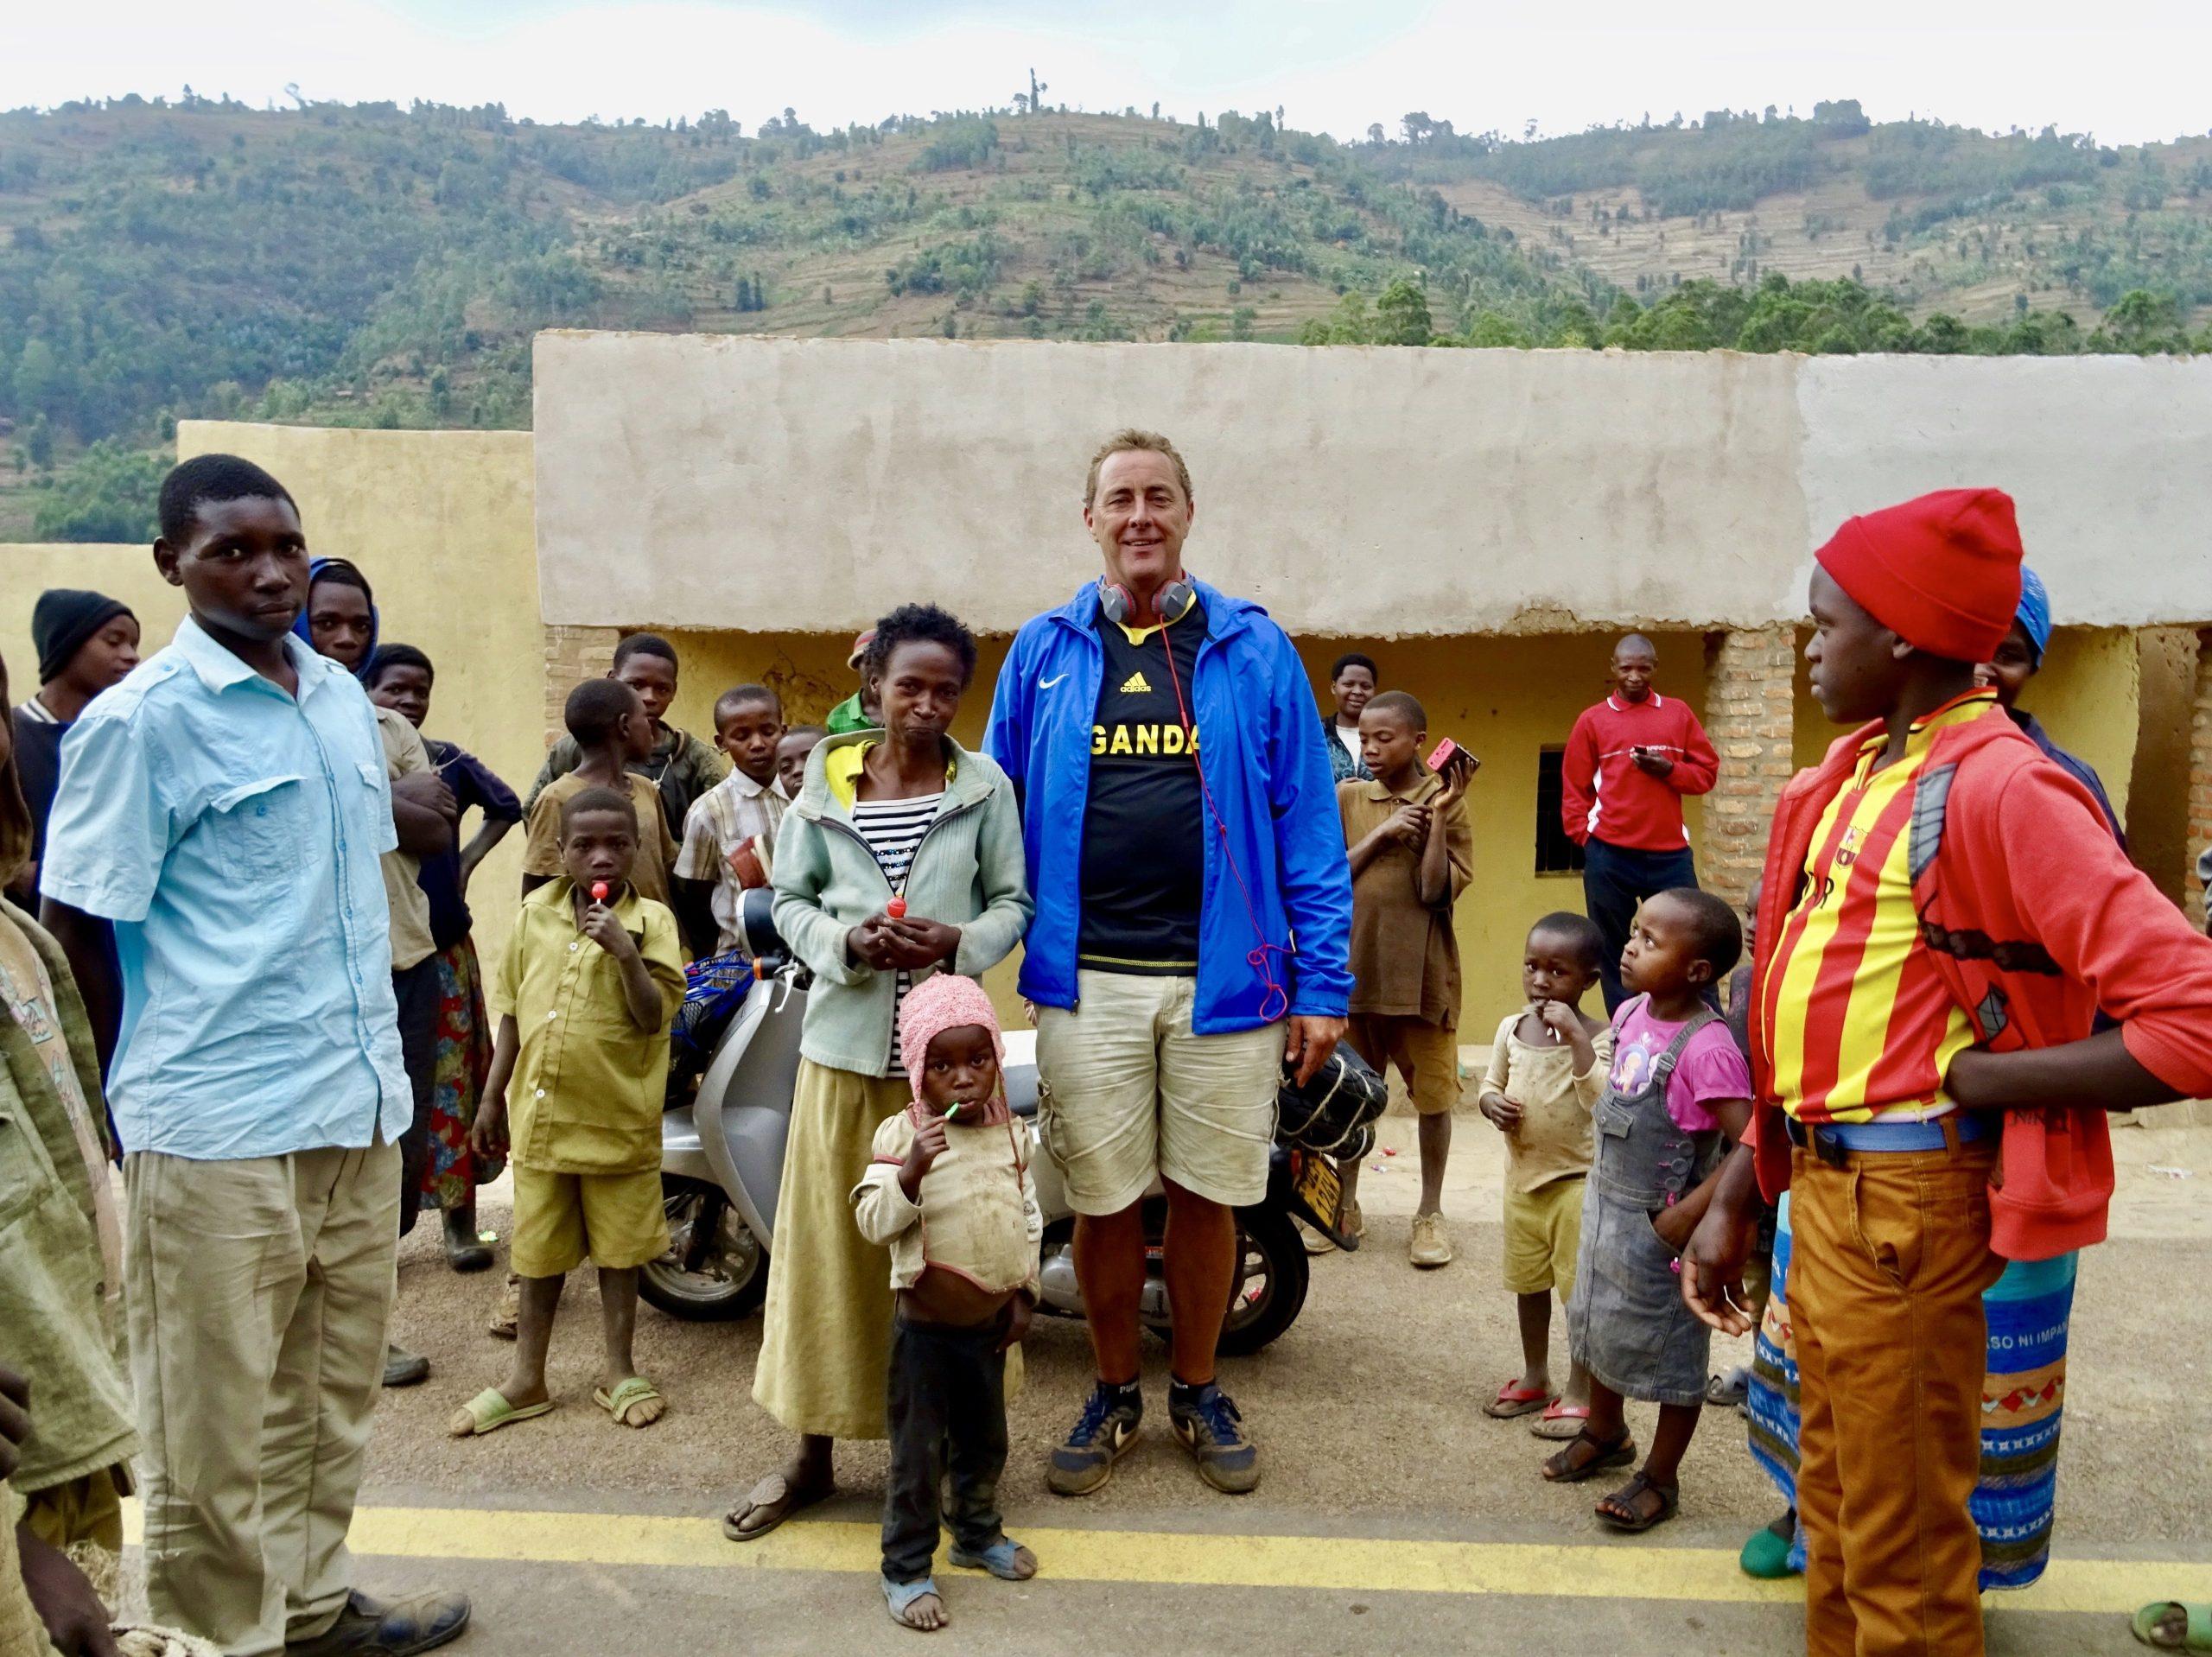 Op de foto met enkele inwoners van Kinteko, Rwanda